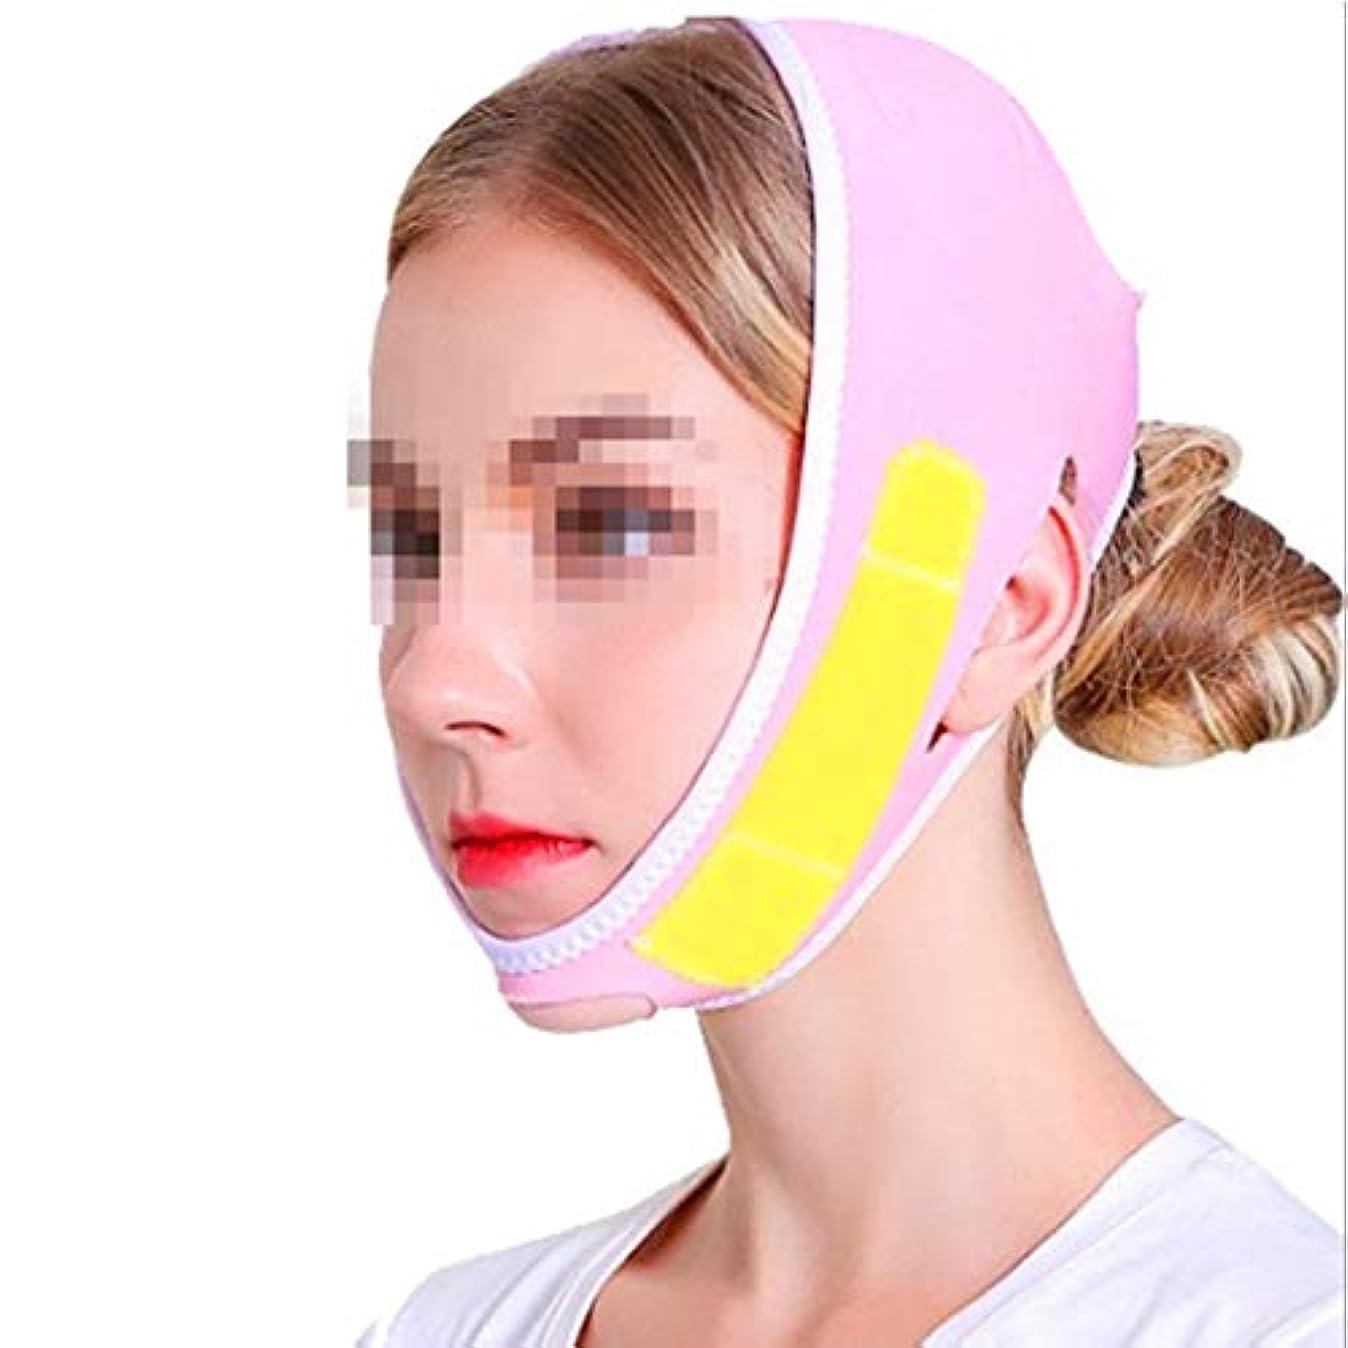 ブランクスリム勘違いするフェイスリフトマスク、Vフェイスフェイシャルリフティングおよび締め付けをローラインマッサージ師ダブルチン美容整形包帯マルチカラーオプション (Color : Pink)